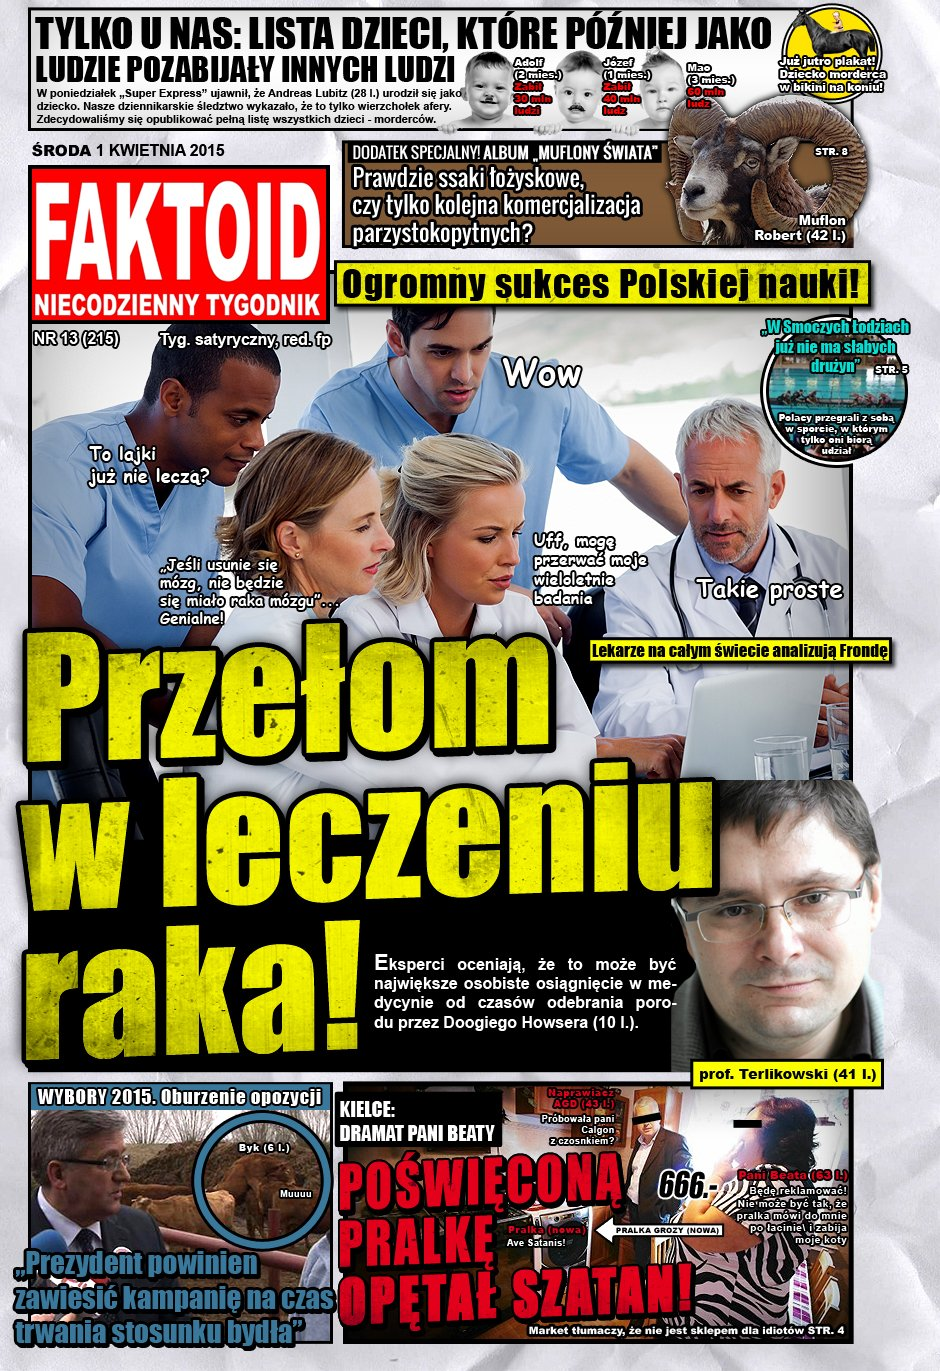 Faktoid: Przełom w leczeniu raka! - 1 kwietnia 2015, nr 13 (215), Faktoid